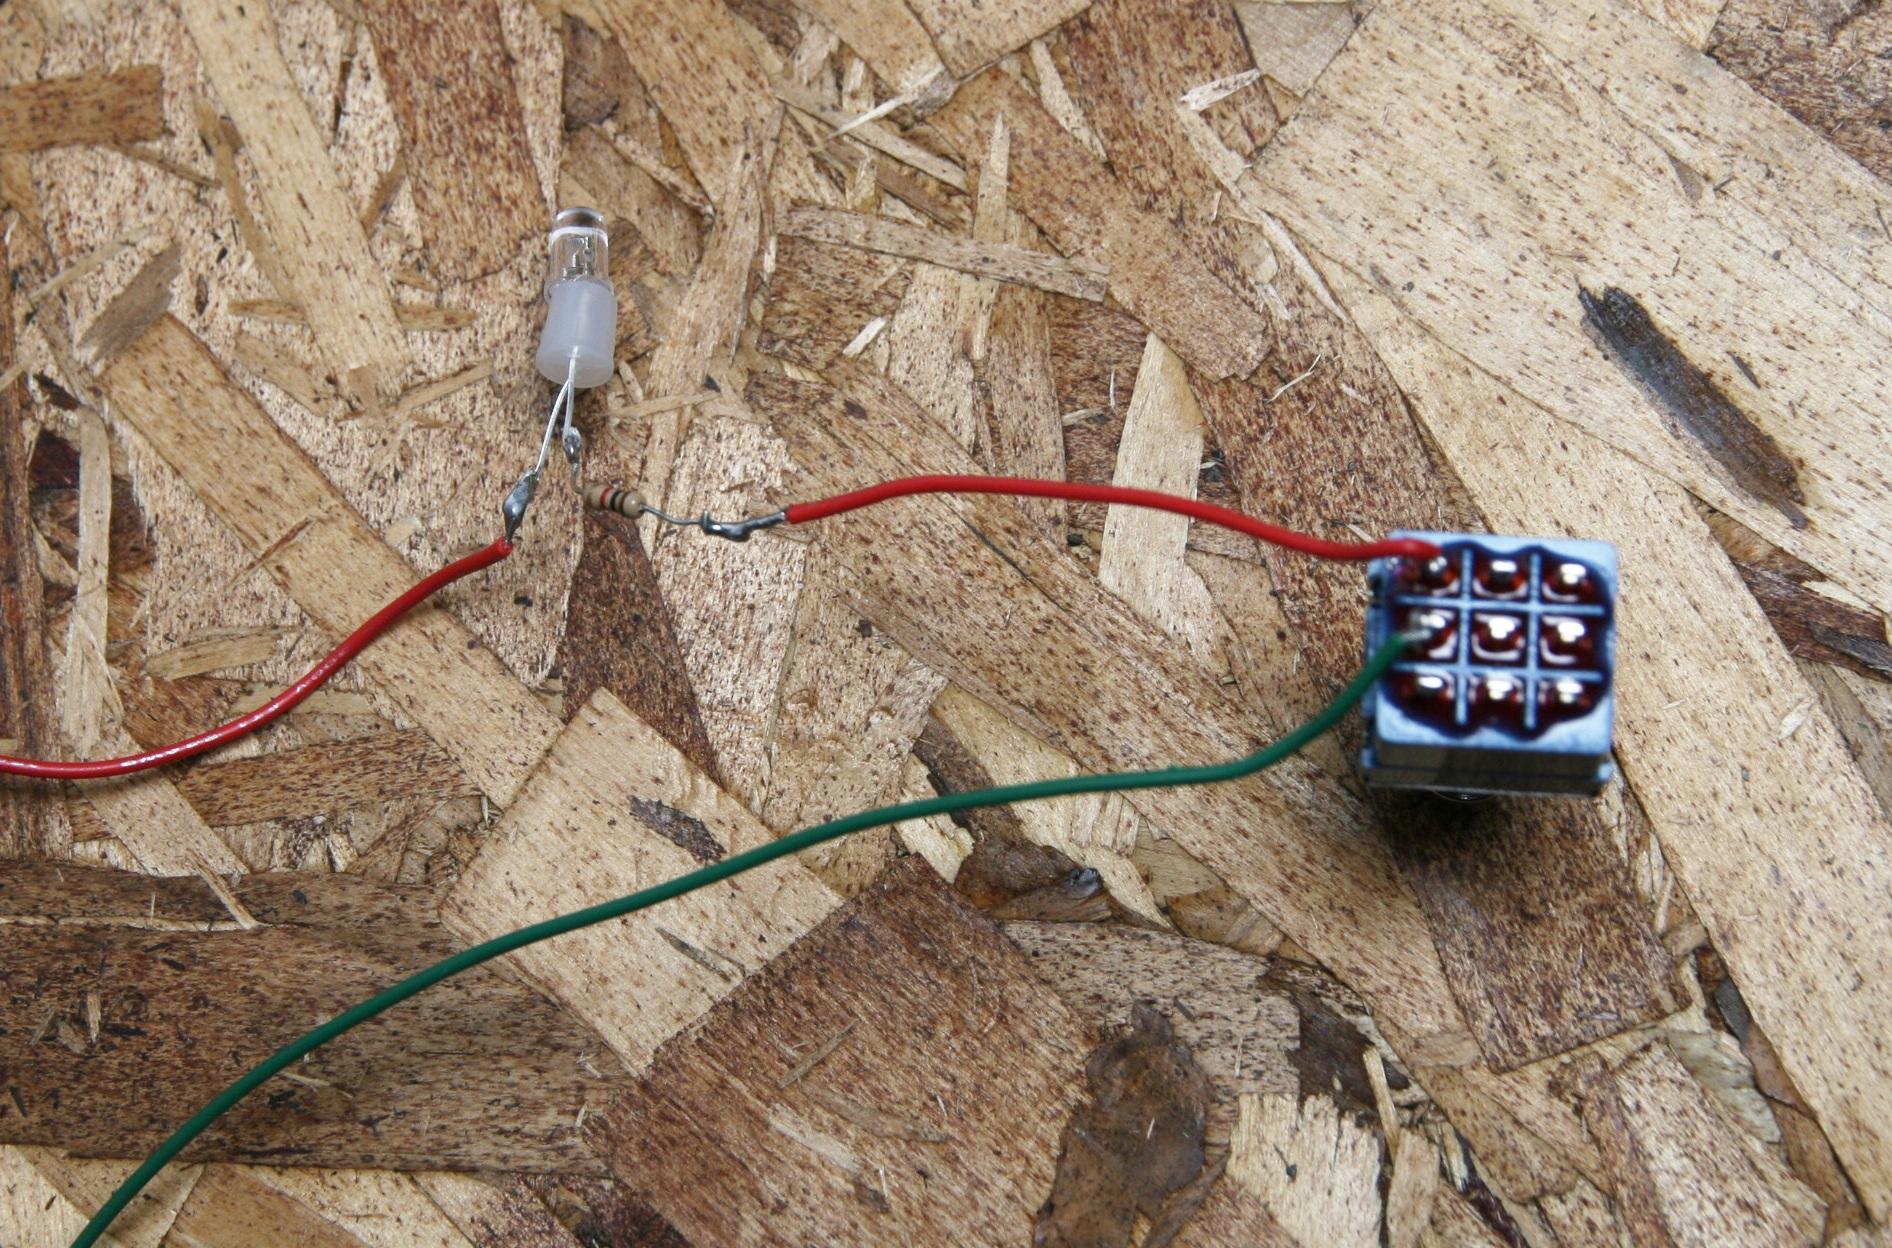 Mercury 402 Wiring Diagram Control Verado Harness Diesel